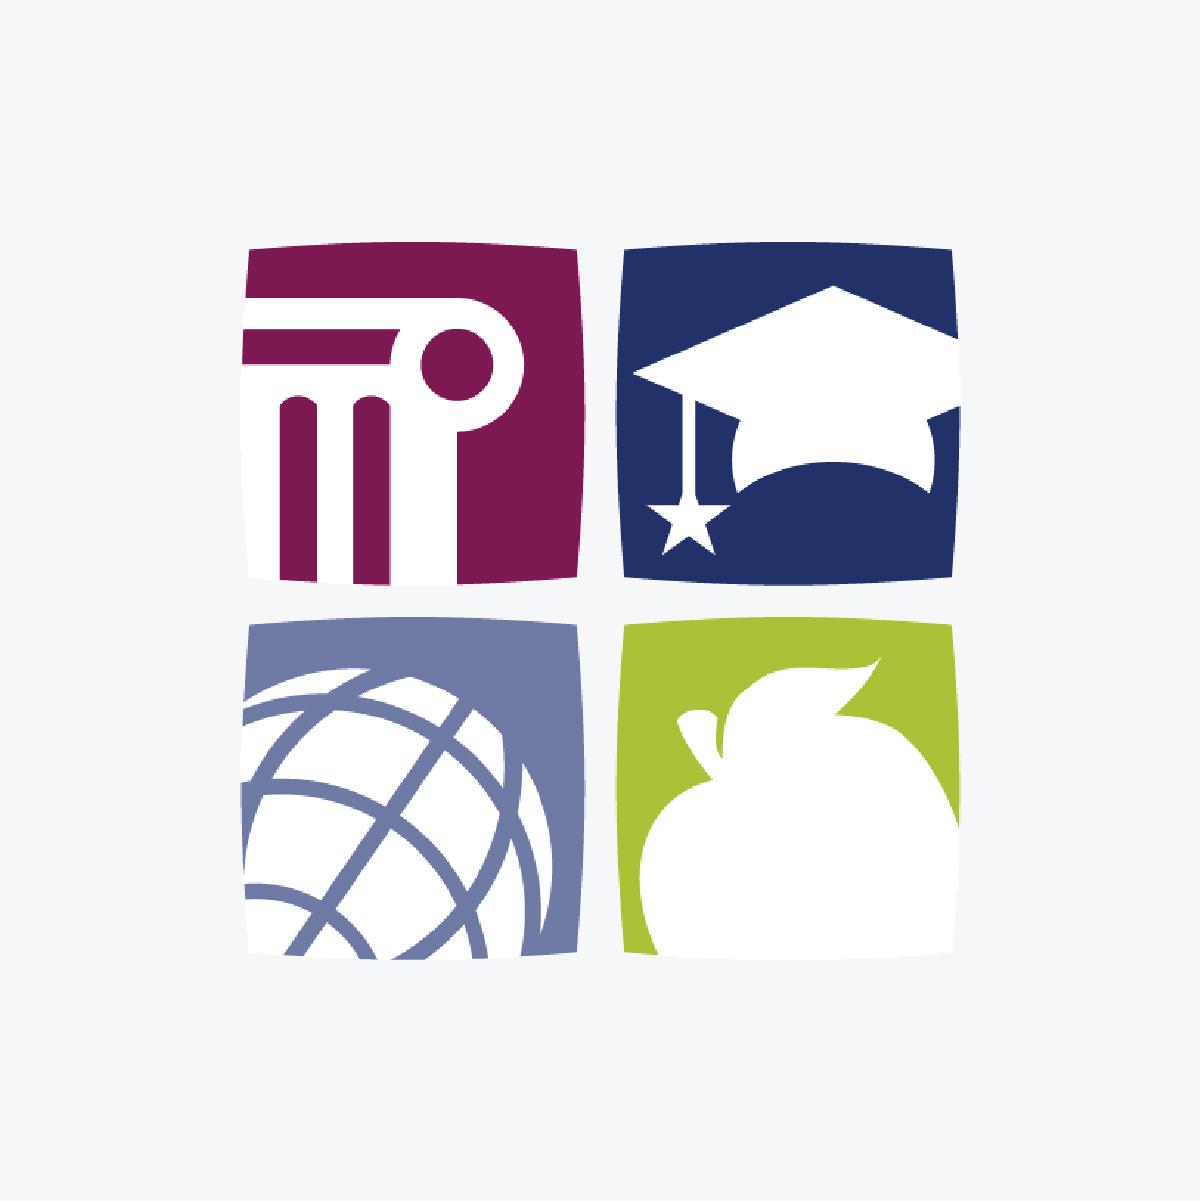 Partner-logos-03.jpg